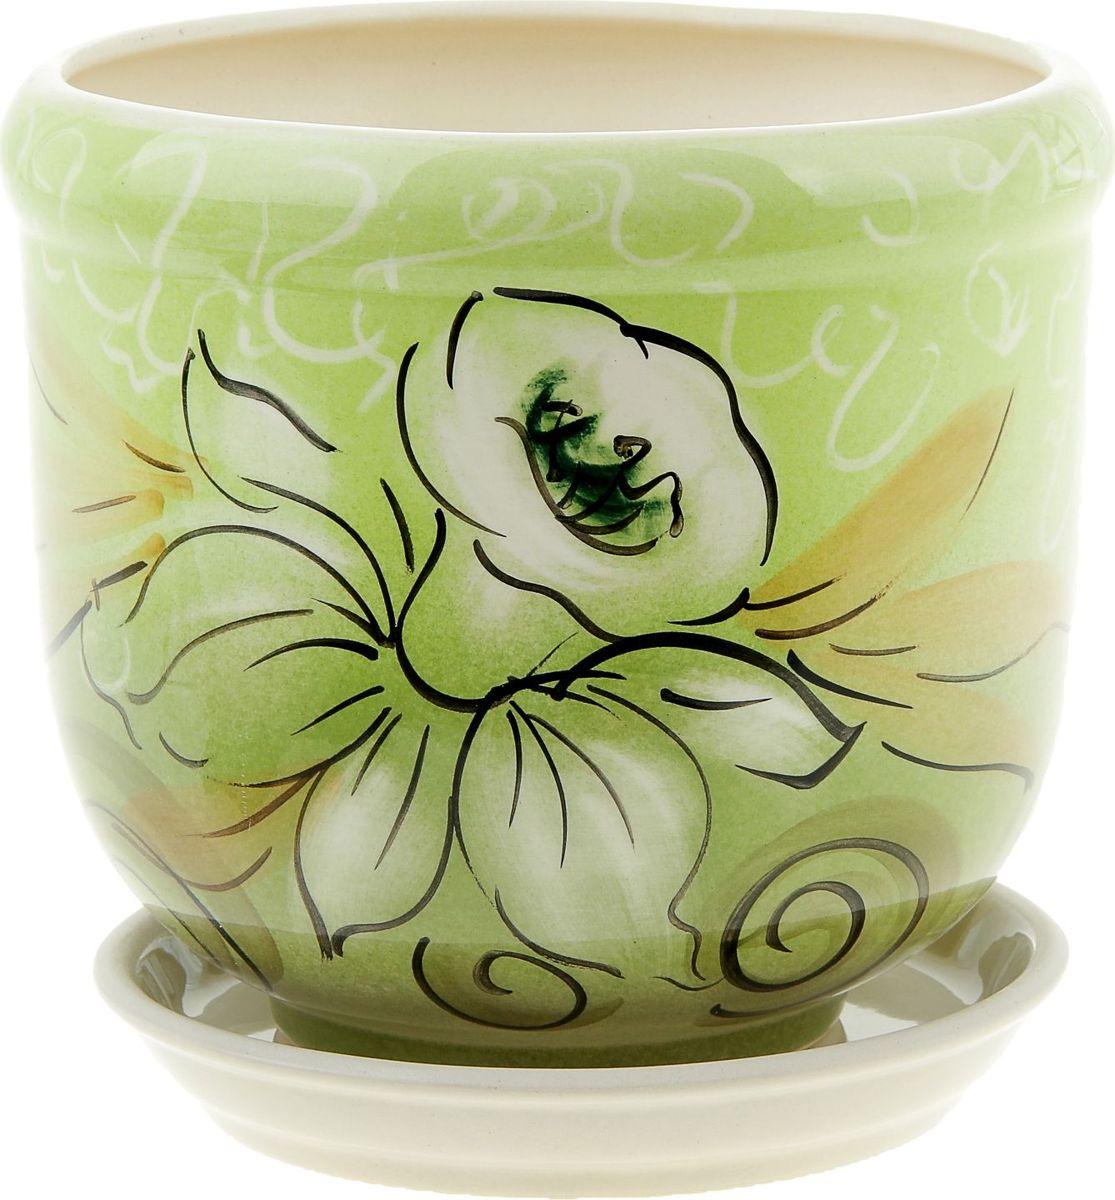 Кашпо Керамика ручной работы Ривьера. Нарцисс, 2,4 л835588Комнатные растения — всеобщие любимцы. Они радуют глаз, насыщают помещение кислородом и украшают пространство. Каждому из них необходим свой удобный и красивый дом. Кашпо из керамики прекрасно подходят для высадки растений: за счёт пластичности глины и разных способов обработки существует великое множество форм и дизайновпористый материал позволяет испаряться лишней влагевоздух, необходимый для дыхания корней, проникает сквозь керамические стенки! #name# позаботится о зелёном питомце, освежит интерьер и подчеркнёт его стиль.